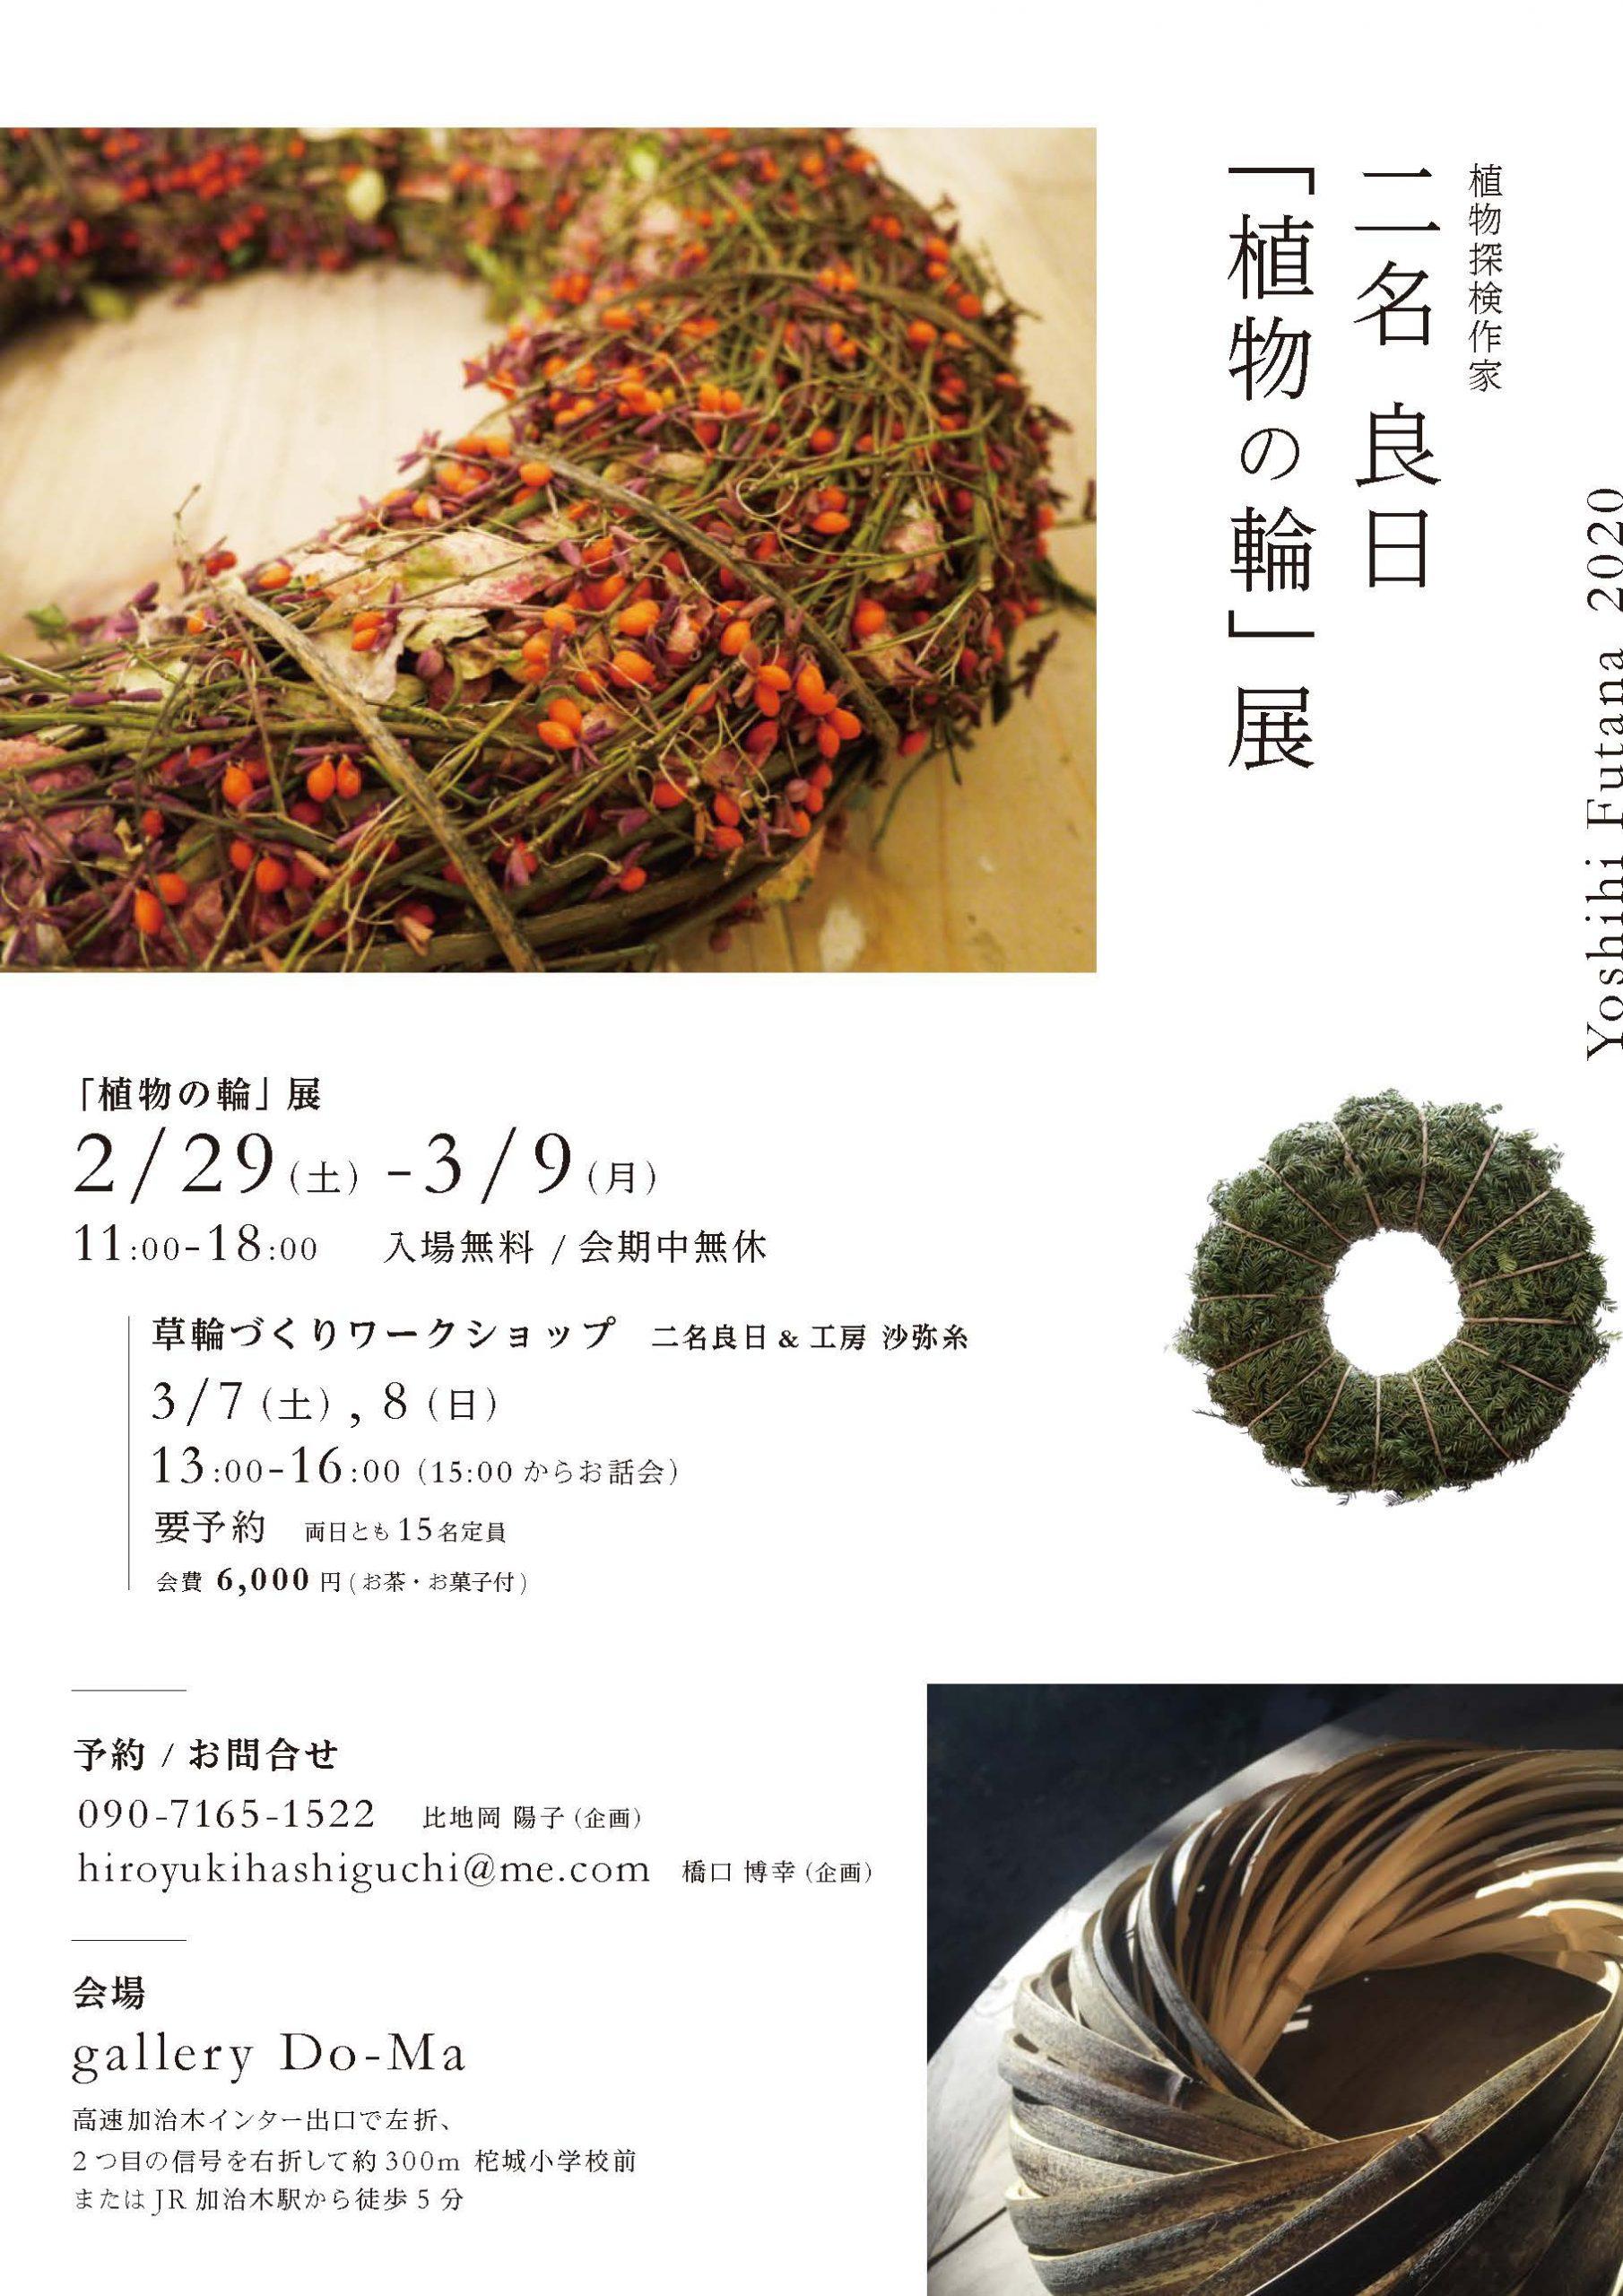 二名良日 「植物の輪」展